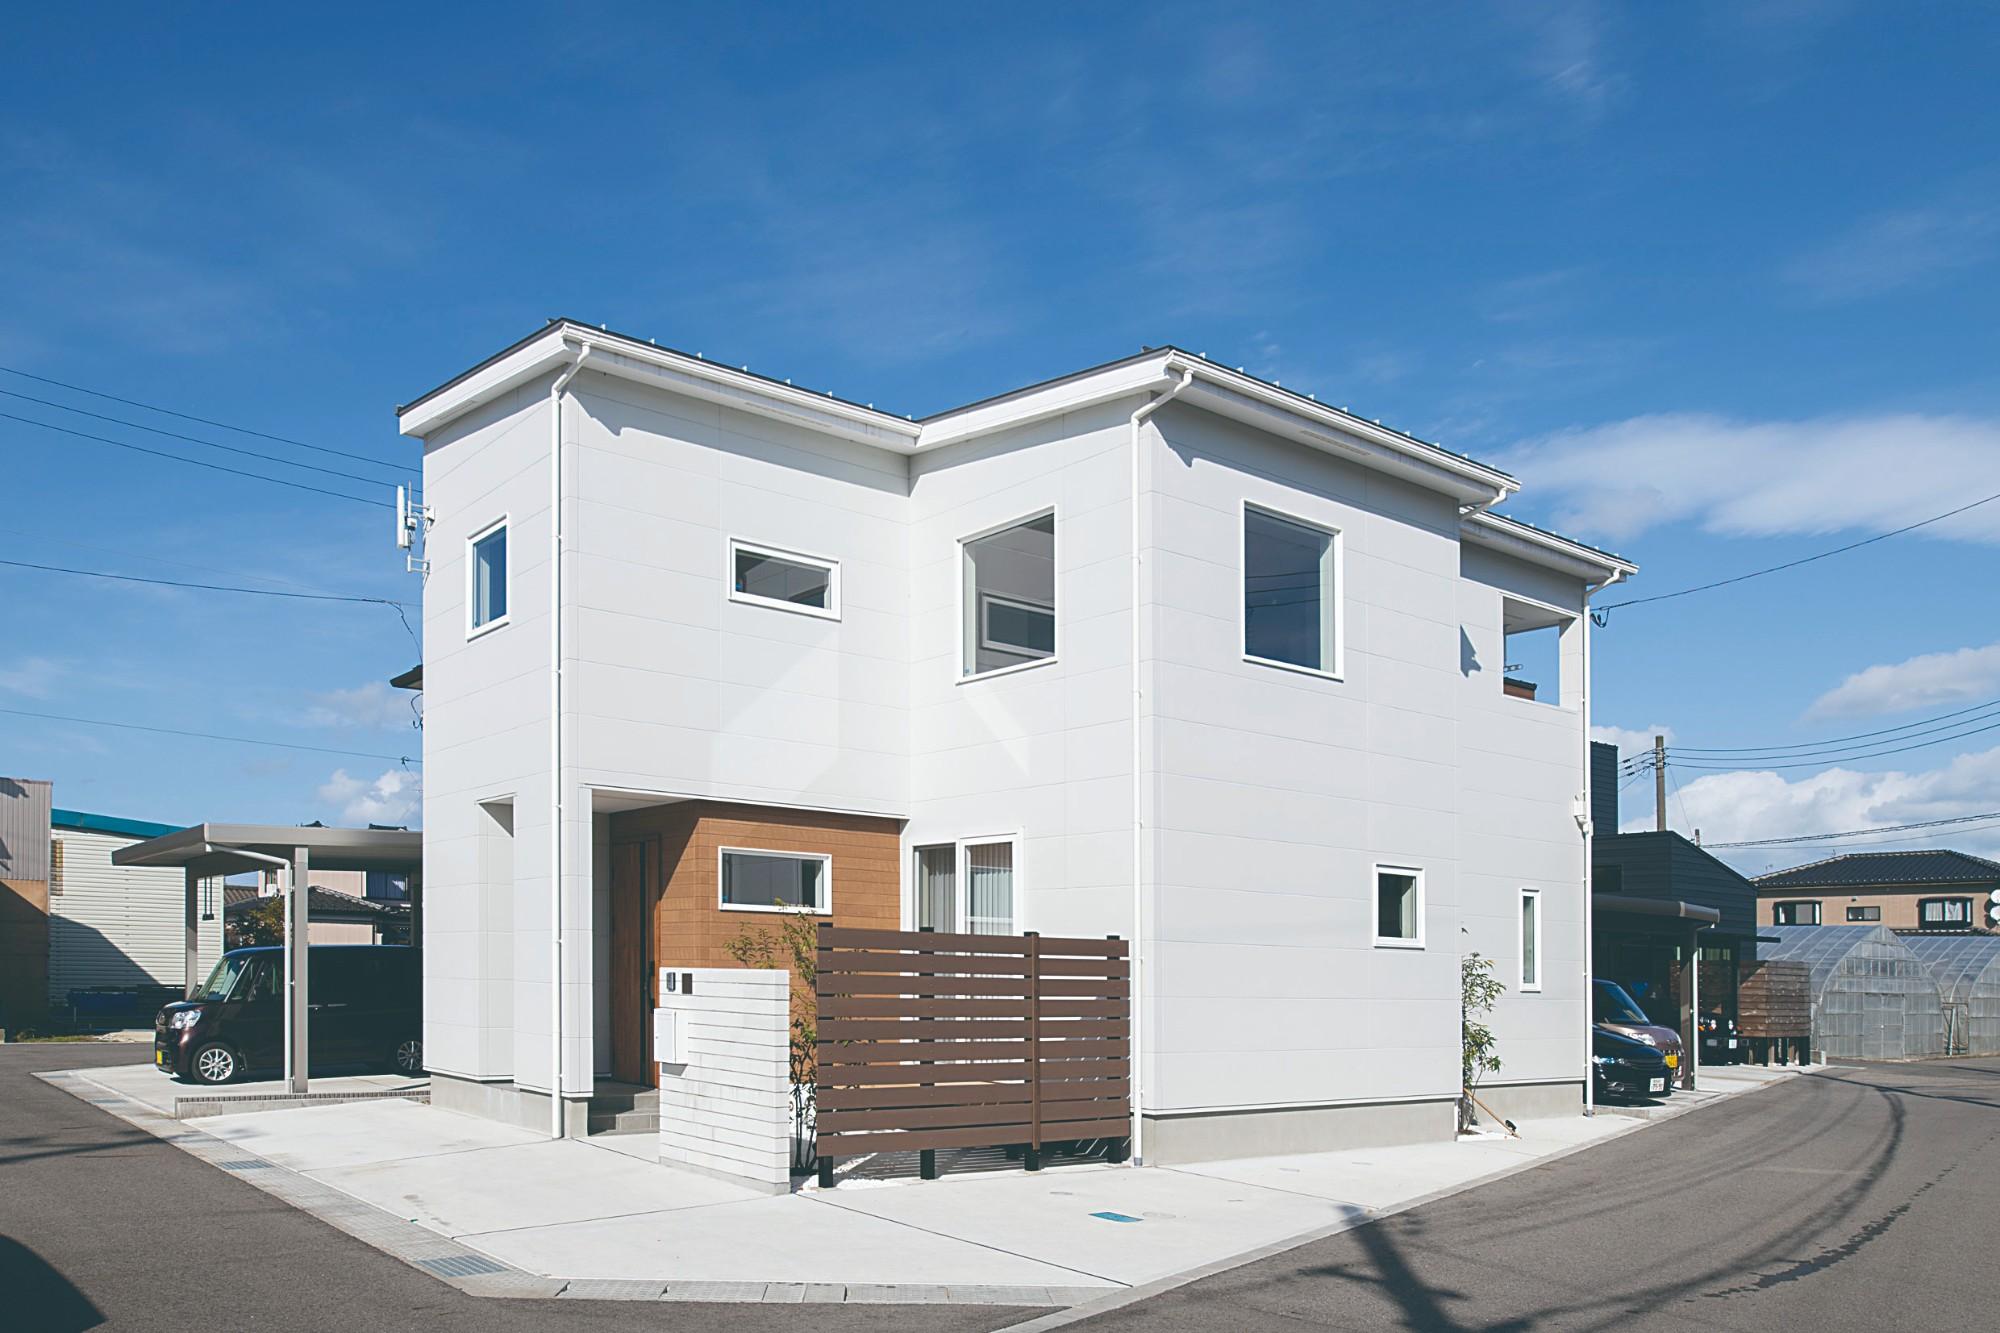 マットな白のサイディングに木目調の外壁でアクセントを加えた外観デザイン。